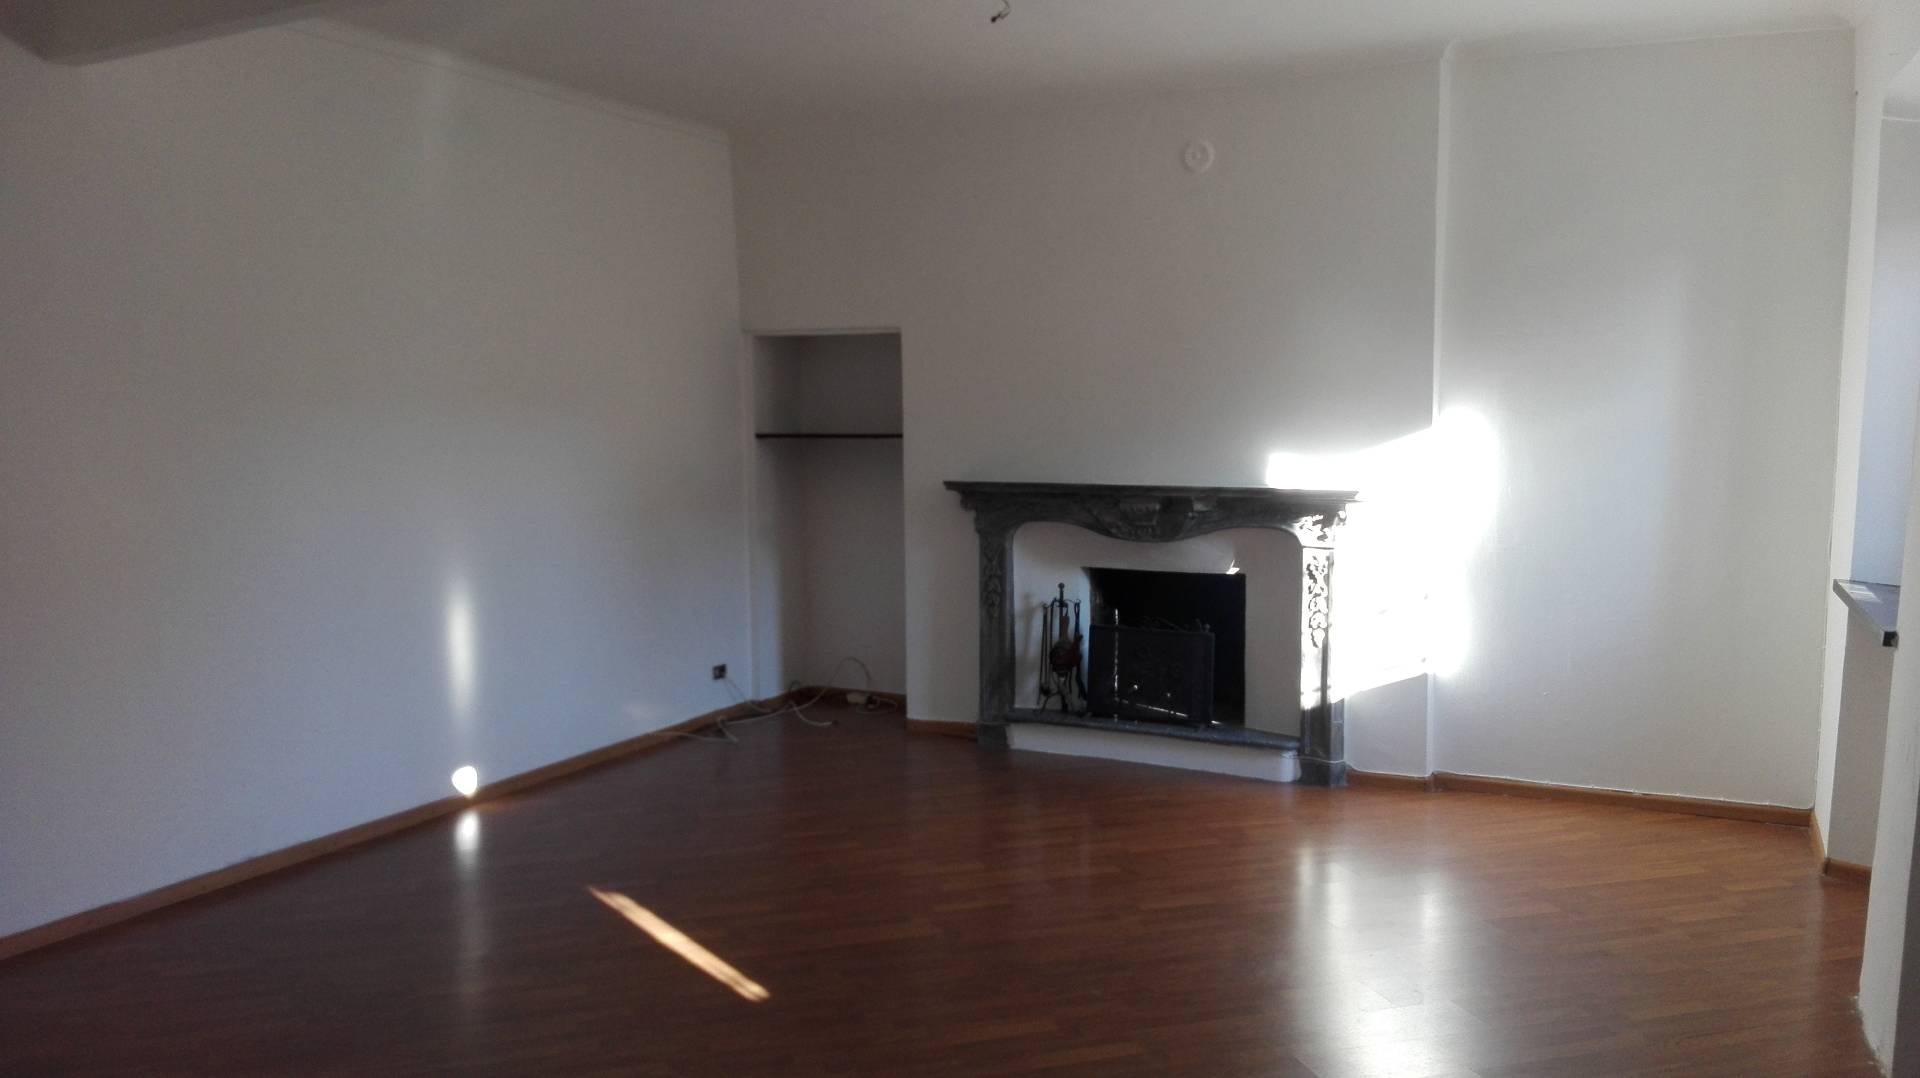 Soluzione Semindipendente in affitto a Rosignano Monferrato, 6 locali, prezzo € 370 | CambioCasa.it